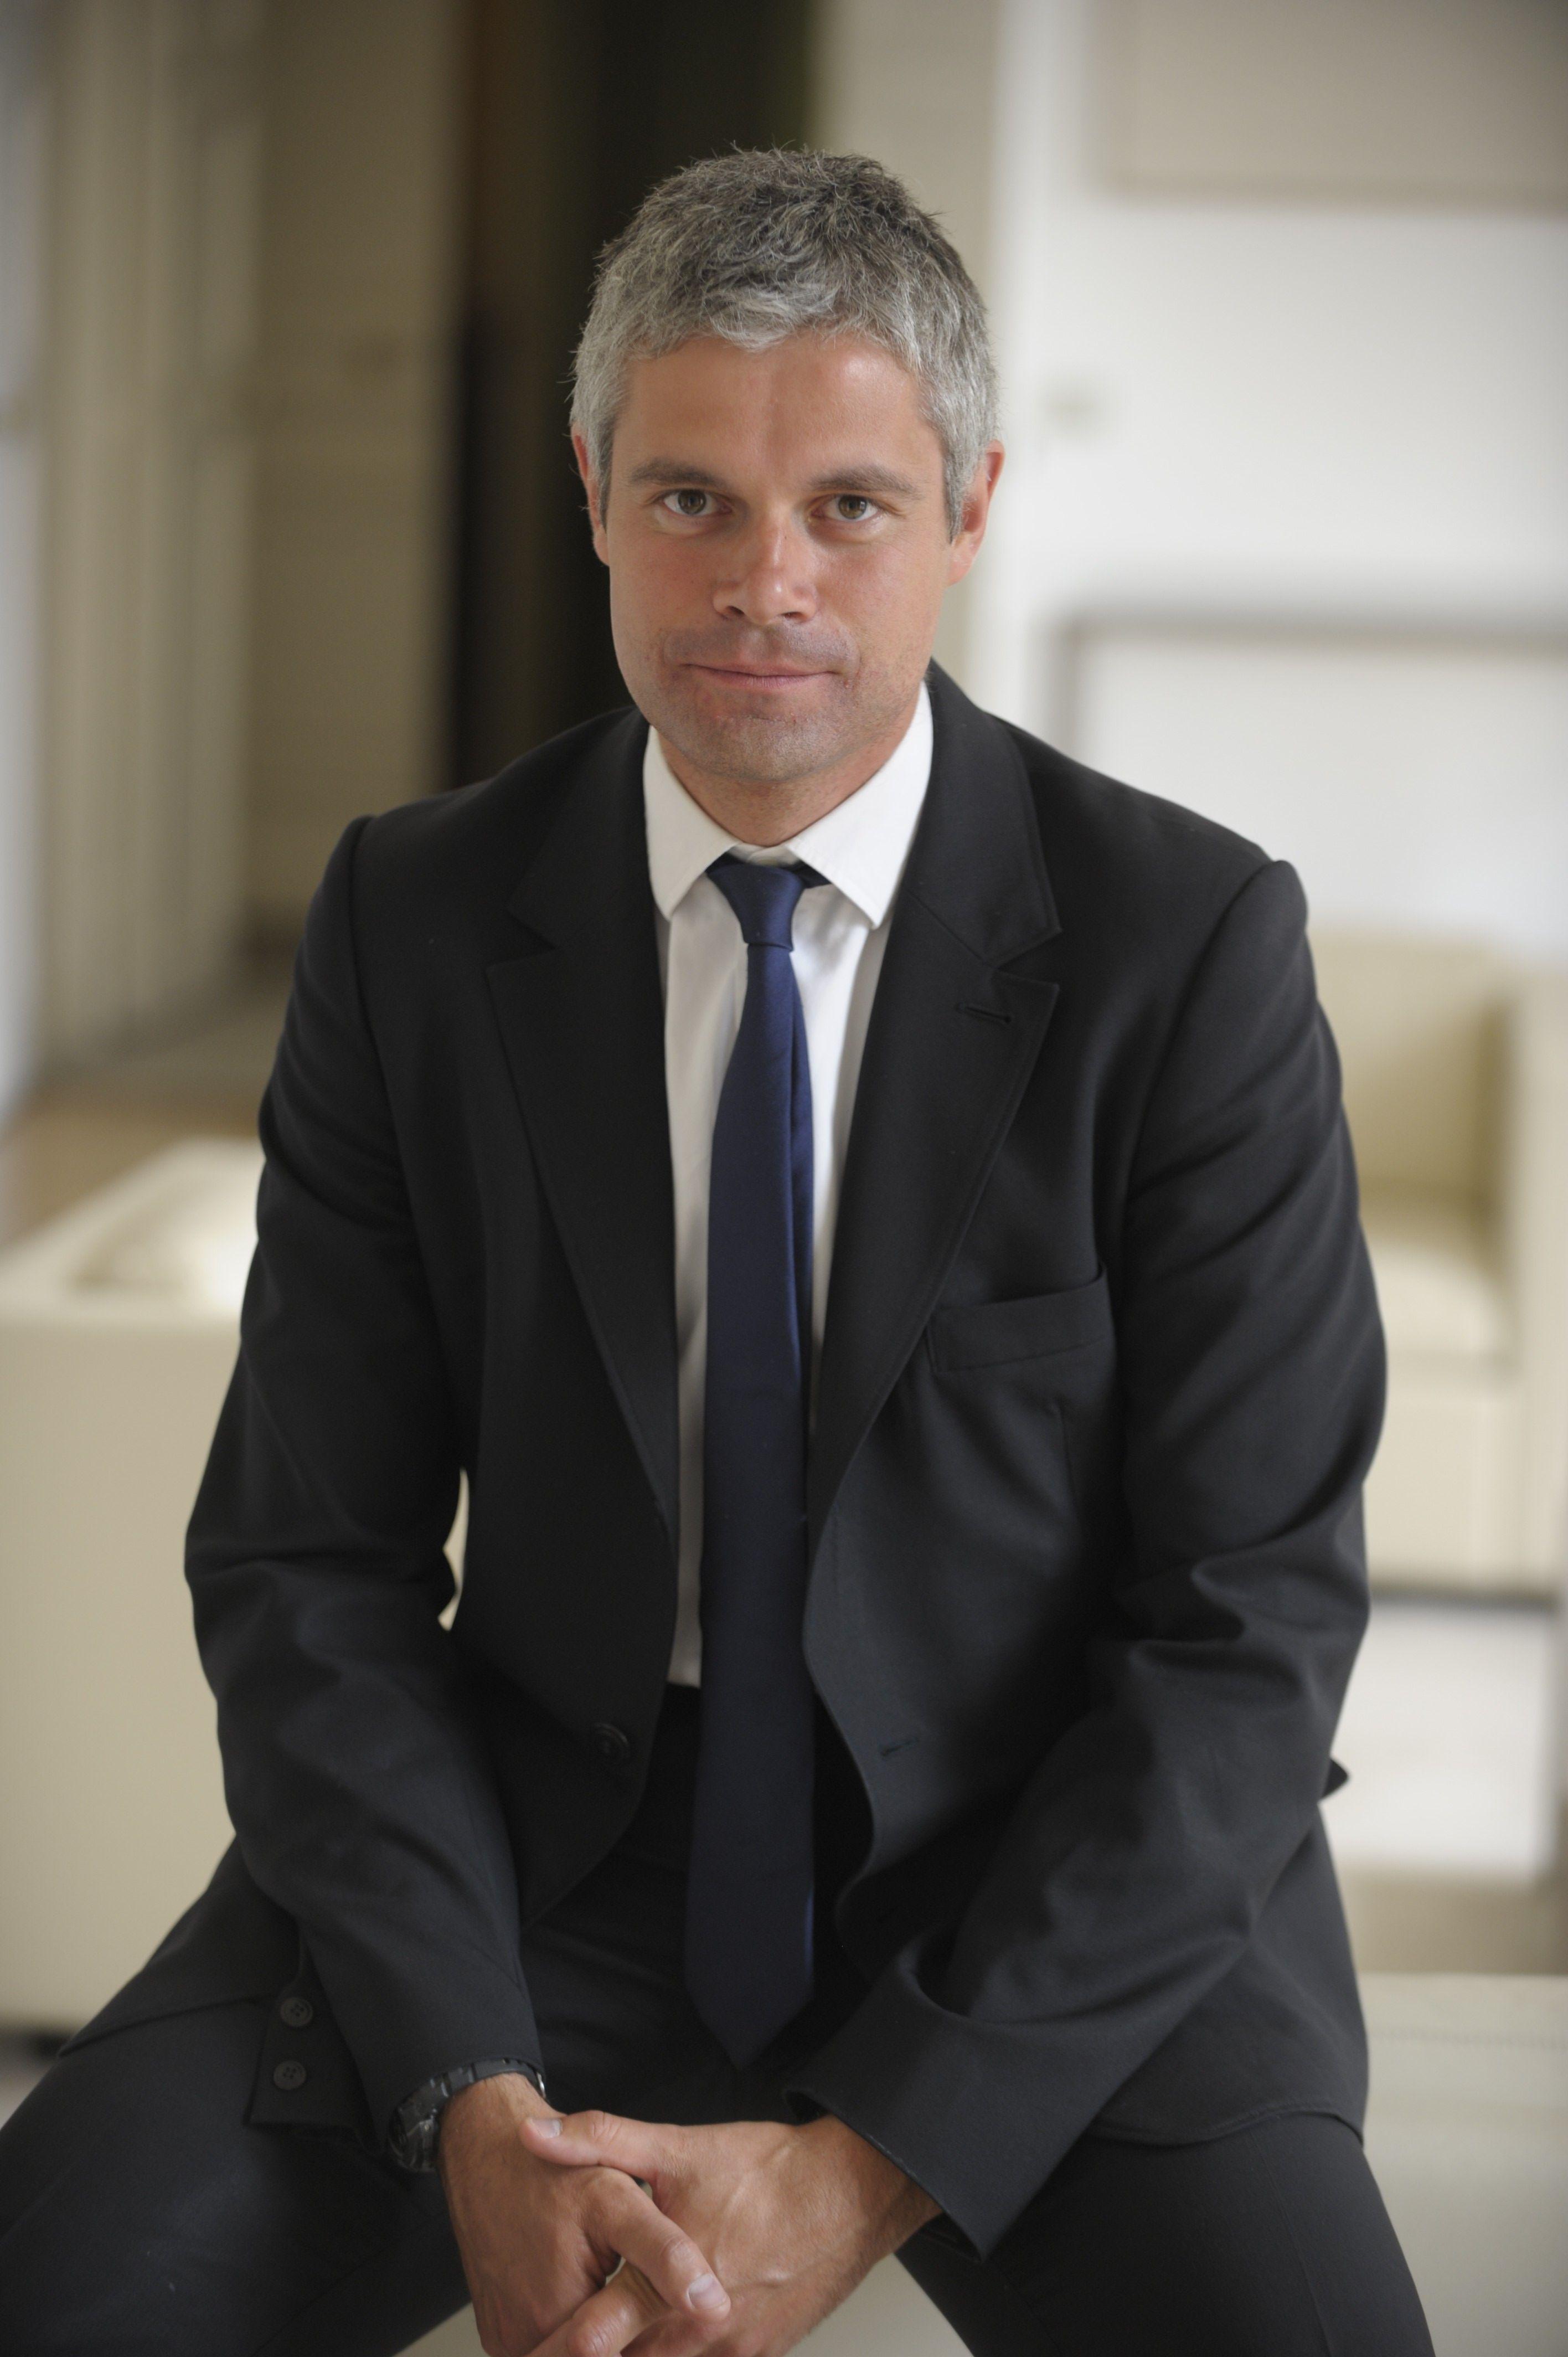 Laurent Wauquiez s'oppose farouchement à l'accueil des migrants dans sa région